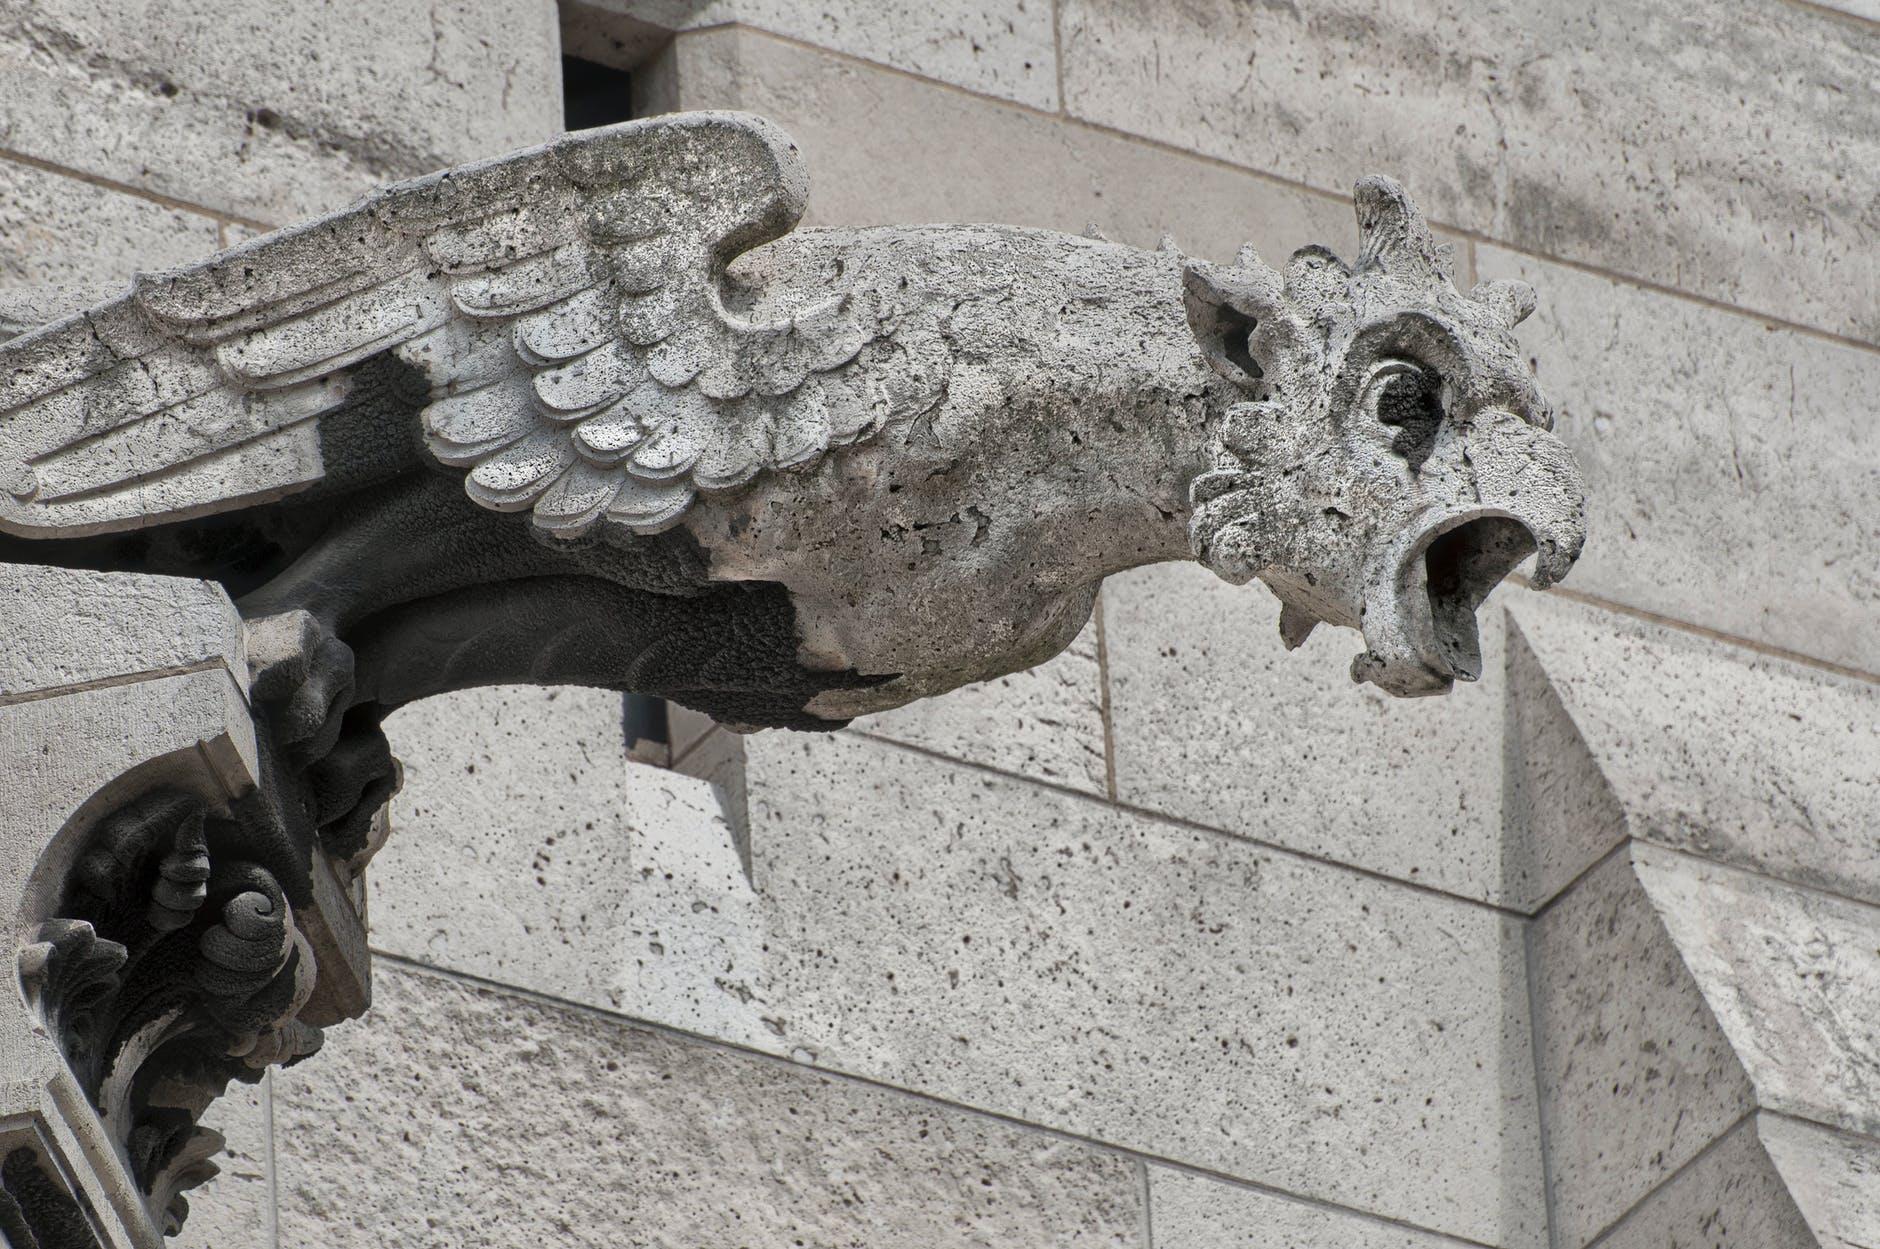 A birdlike gargoyle on an old building.